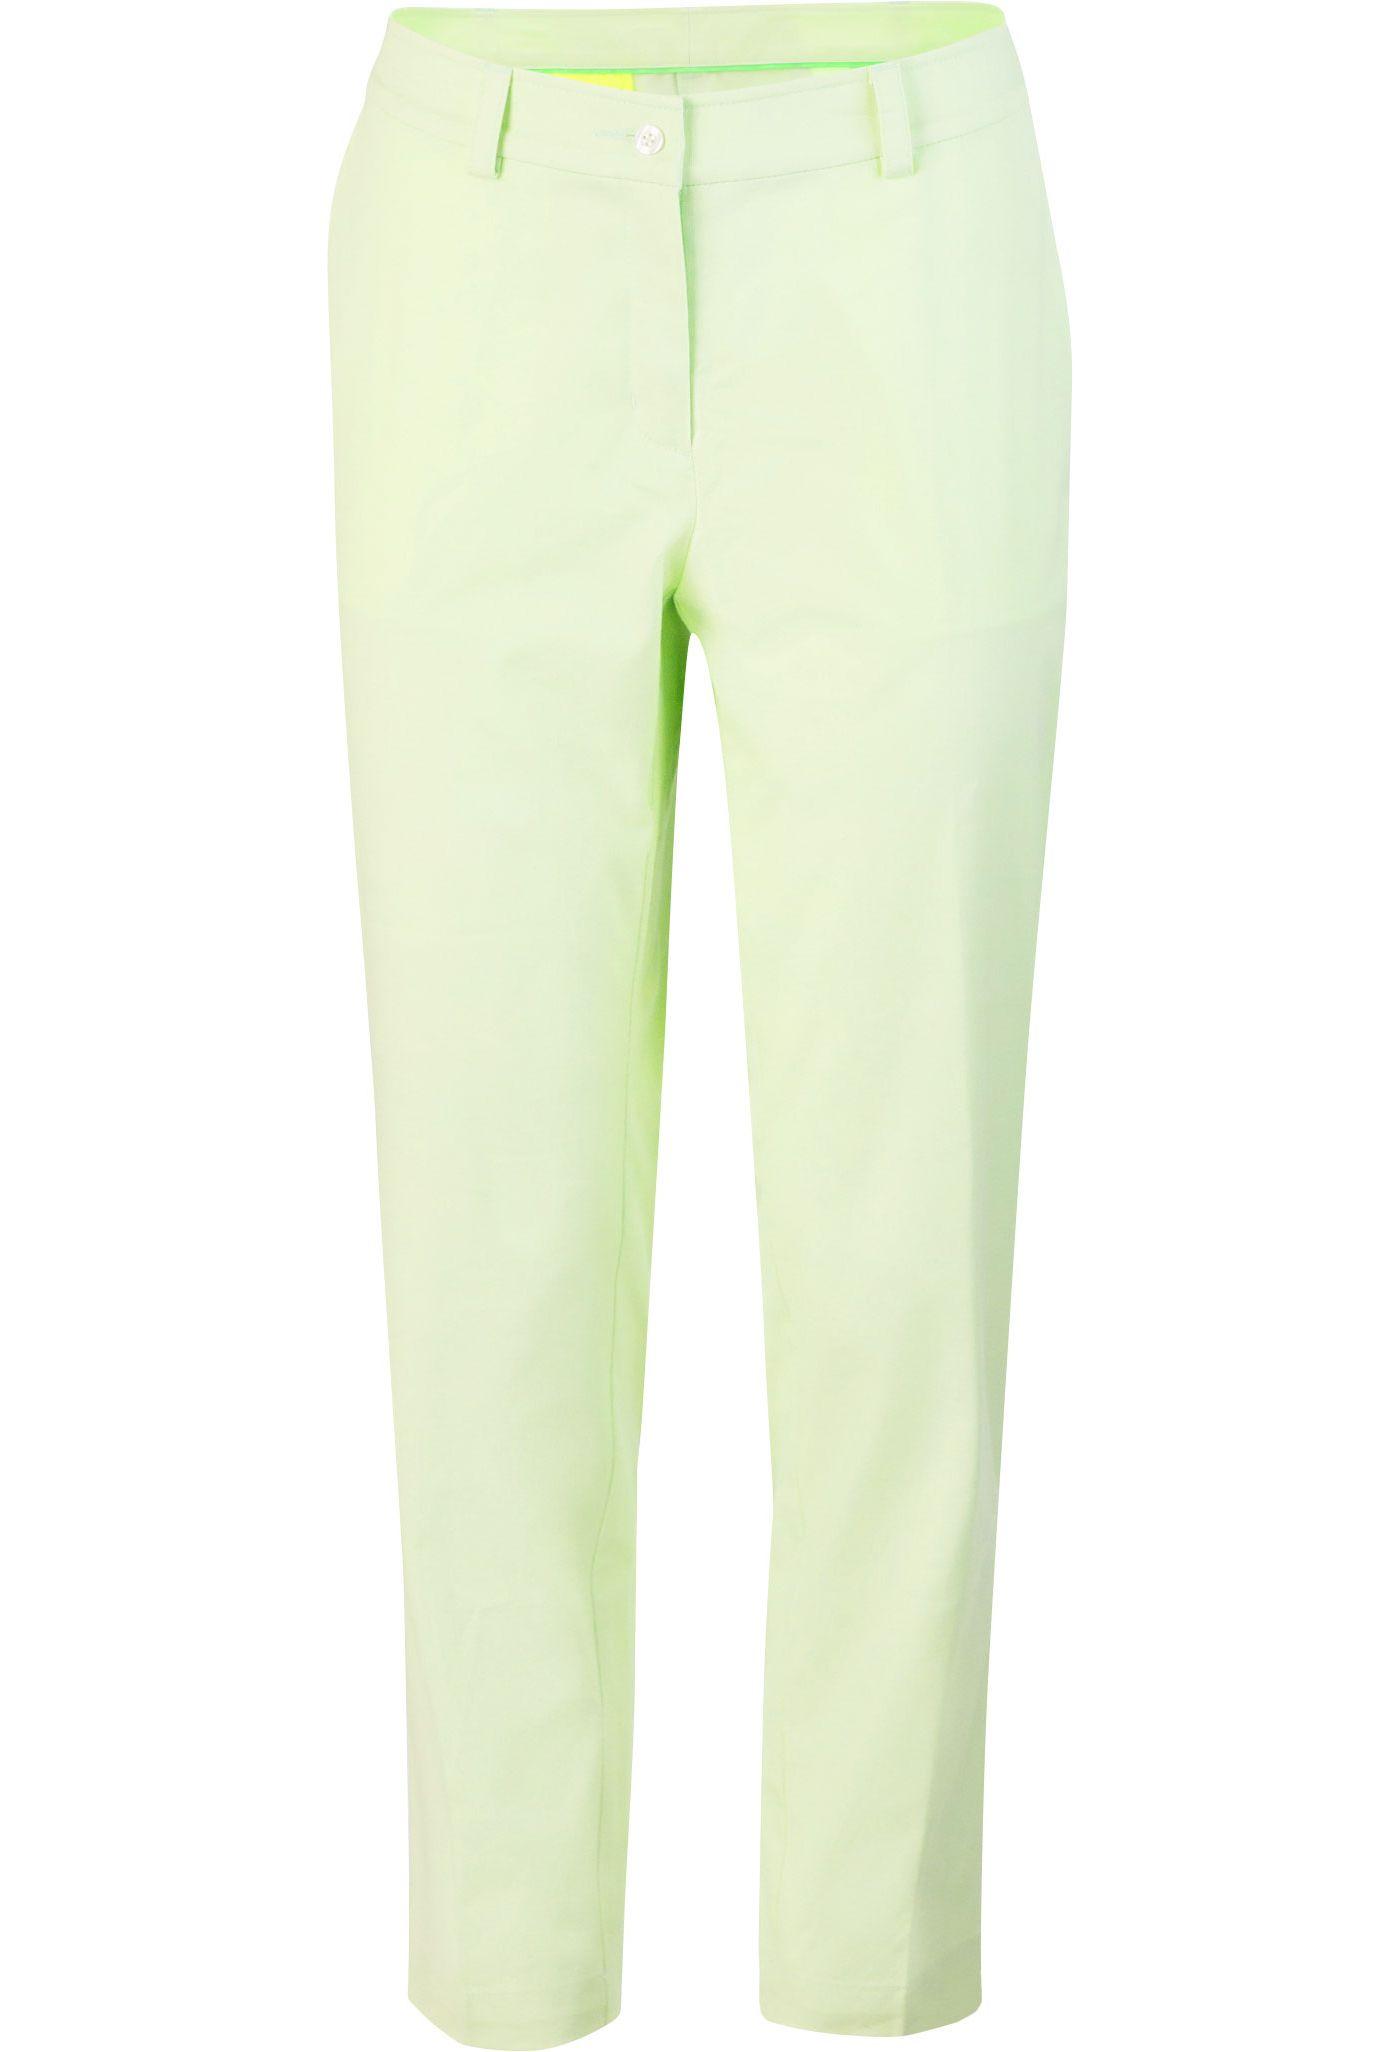 Lady Hagen Women's Oxford Ankle Golf Pants